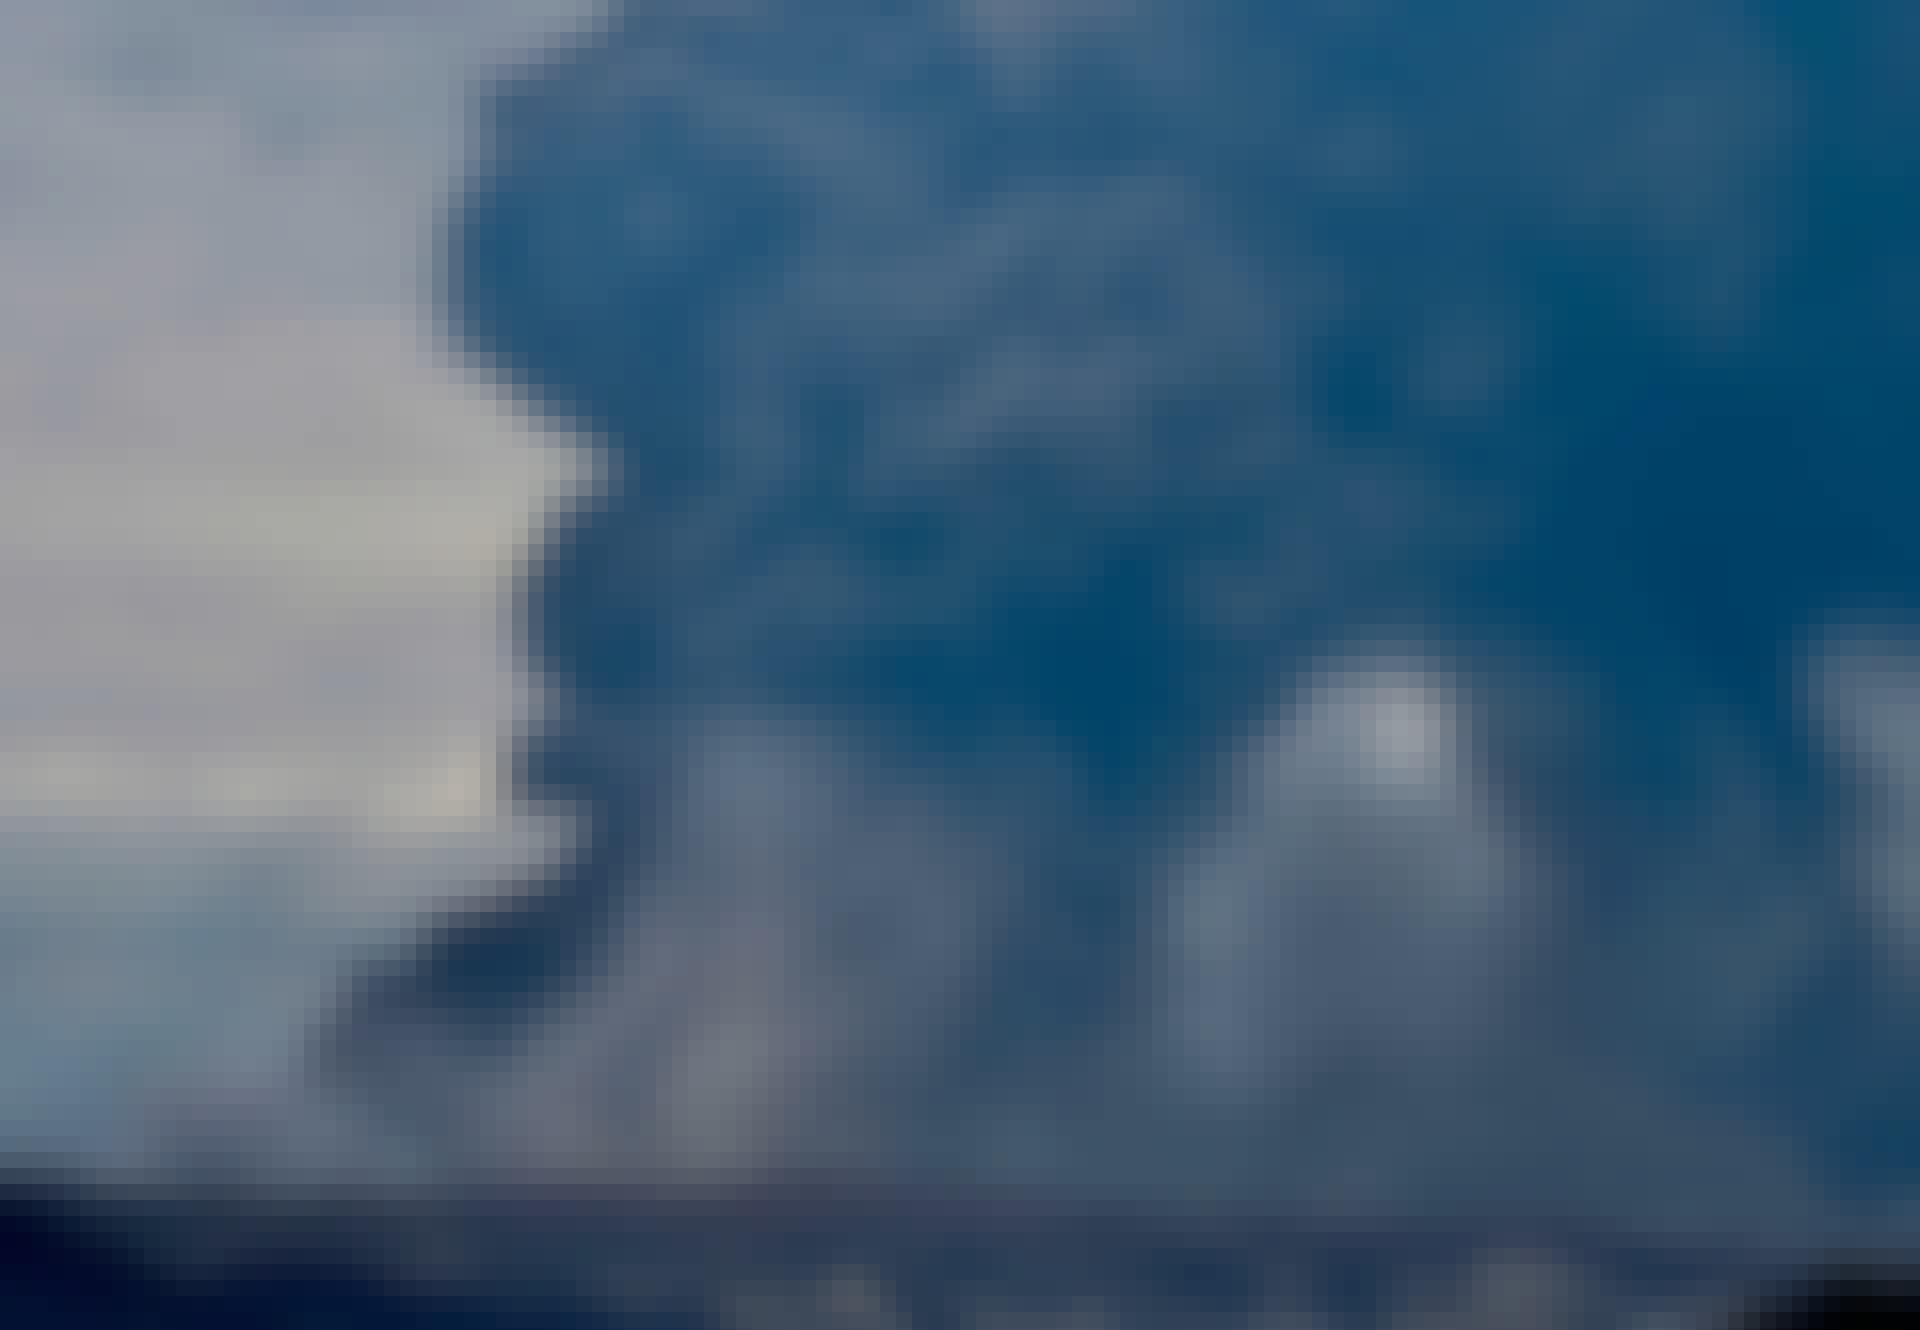 Supervulkaner – supervulkan i udbrud